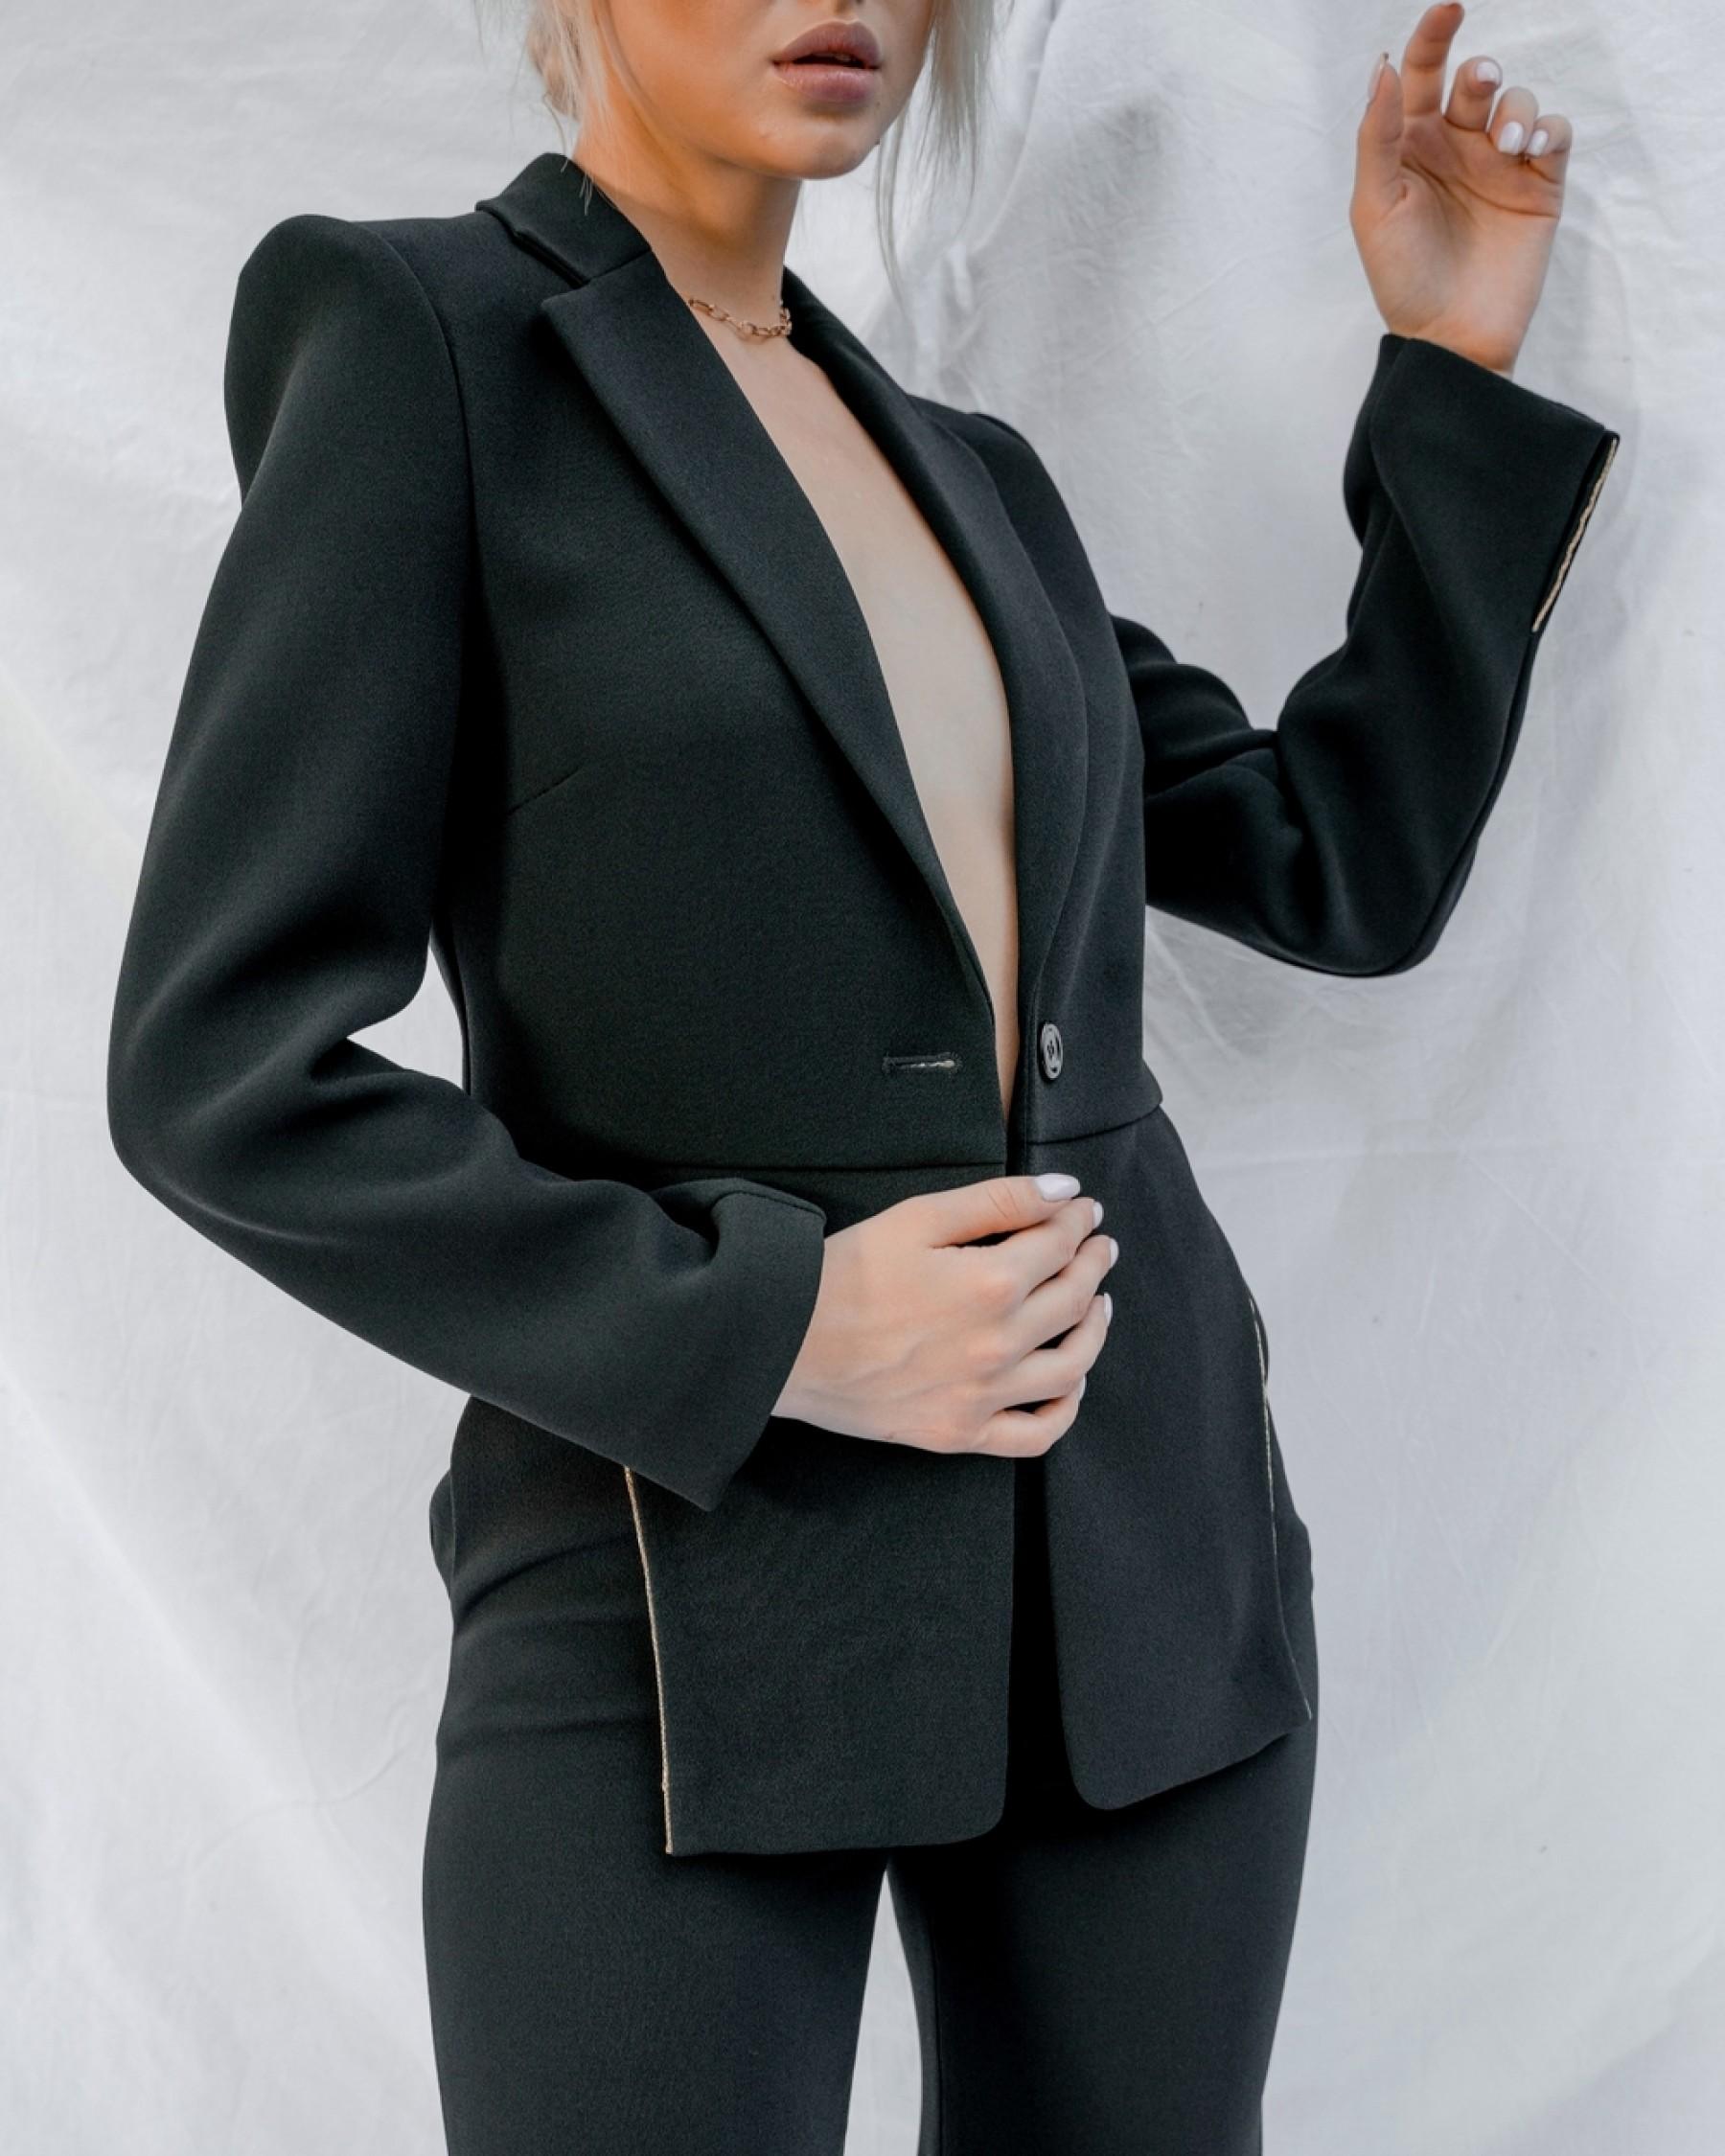 Черный костюм с боковыми вырезами с золотой отделкой